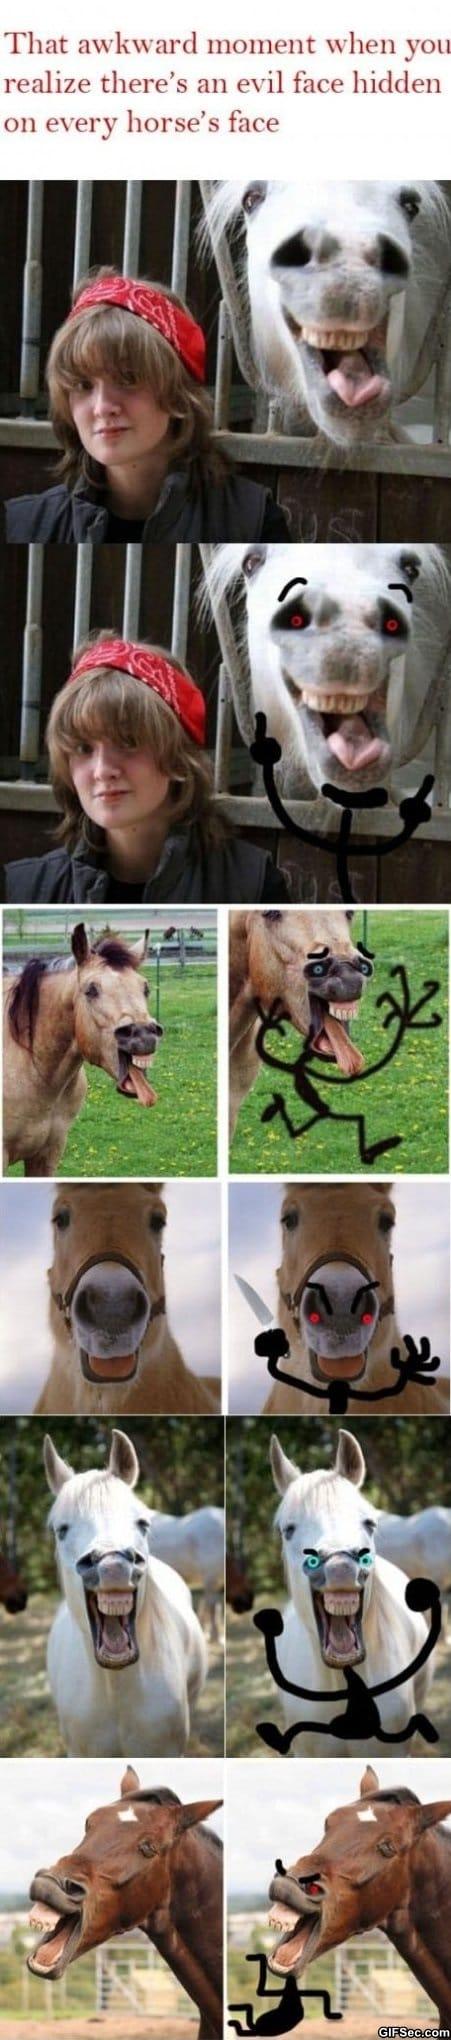 evil-horse-faces